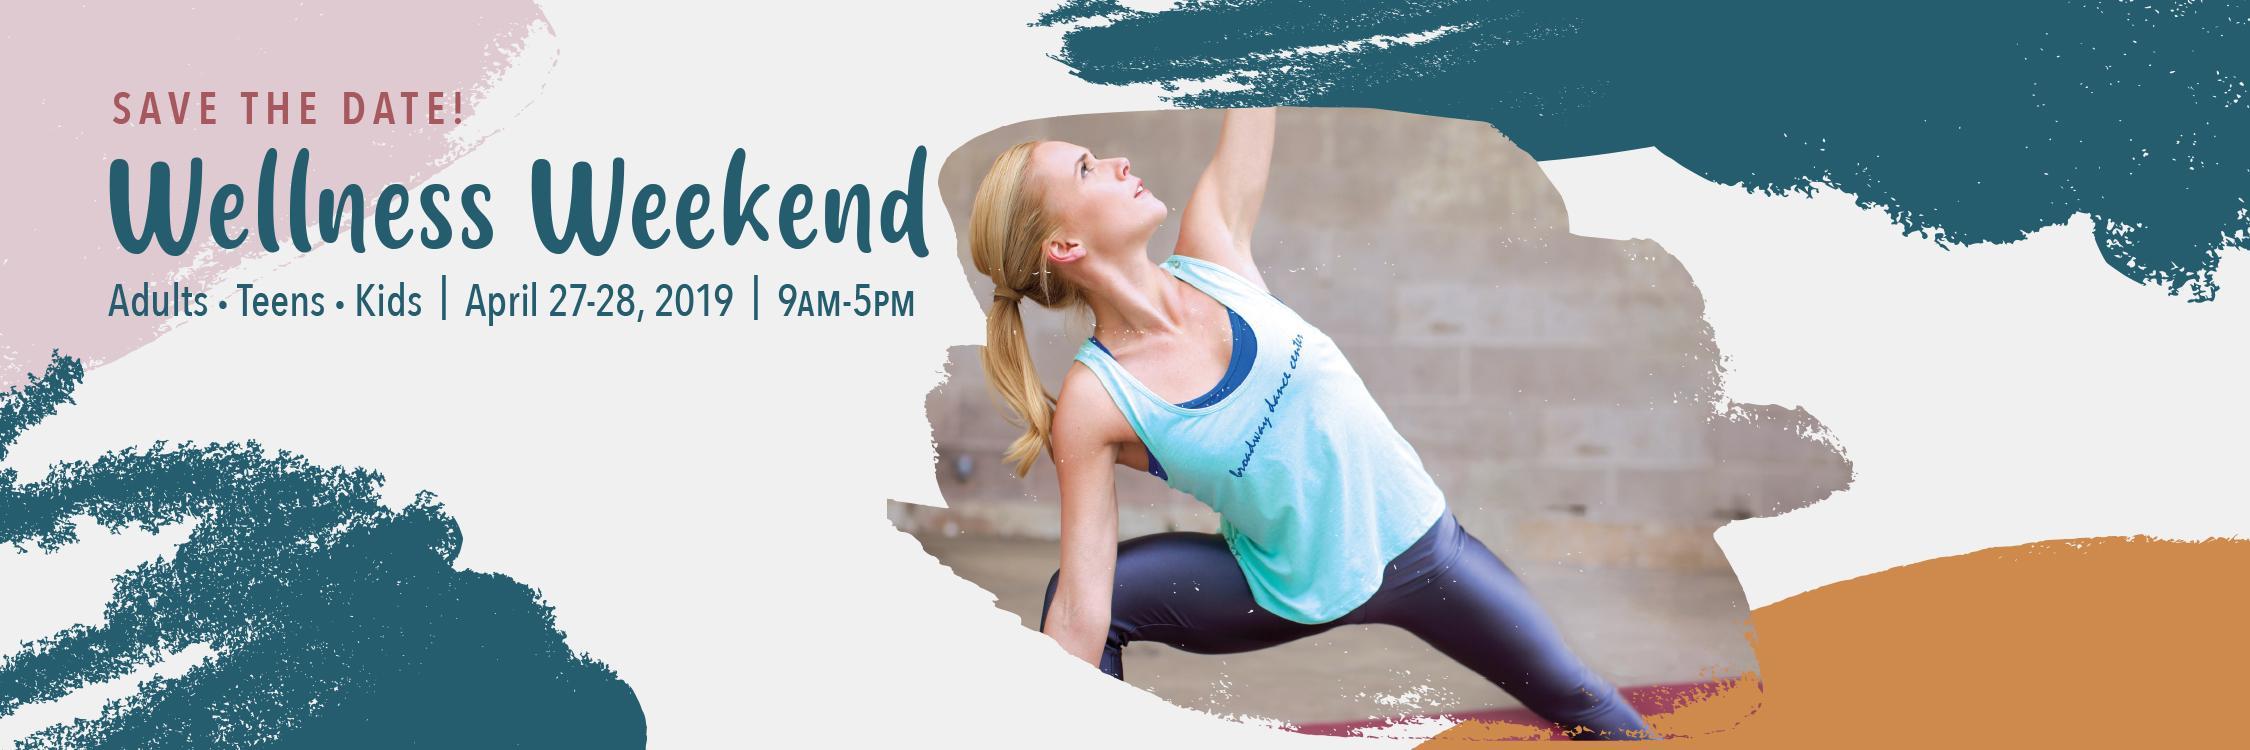 wellness weekend slider